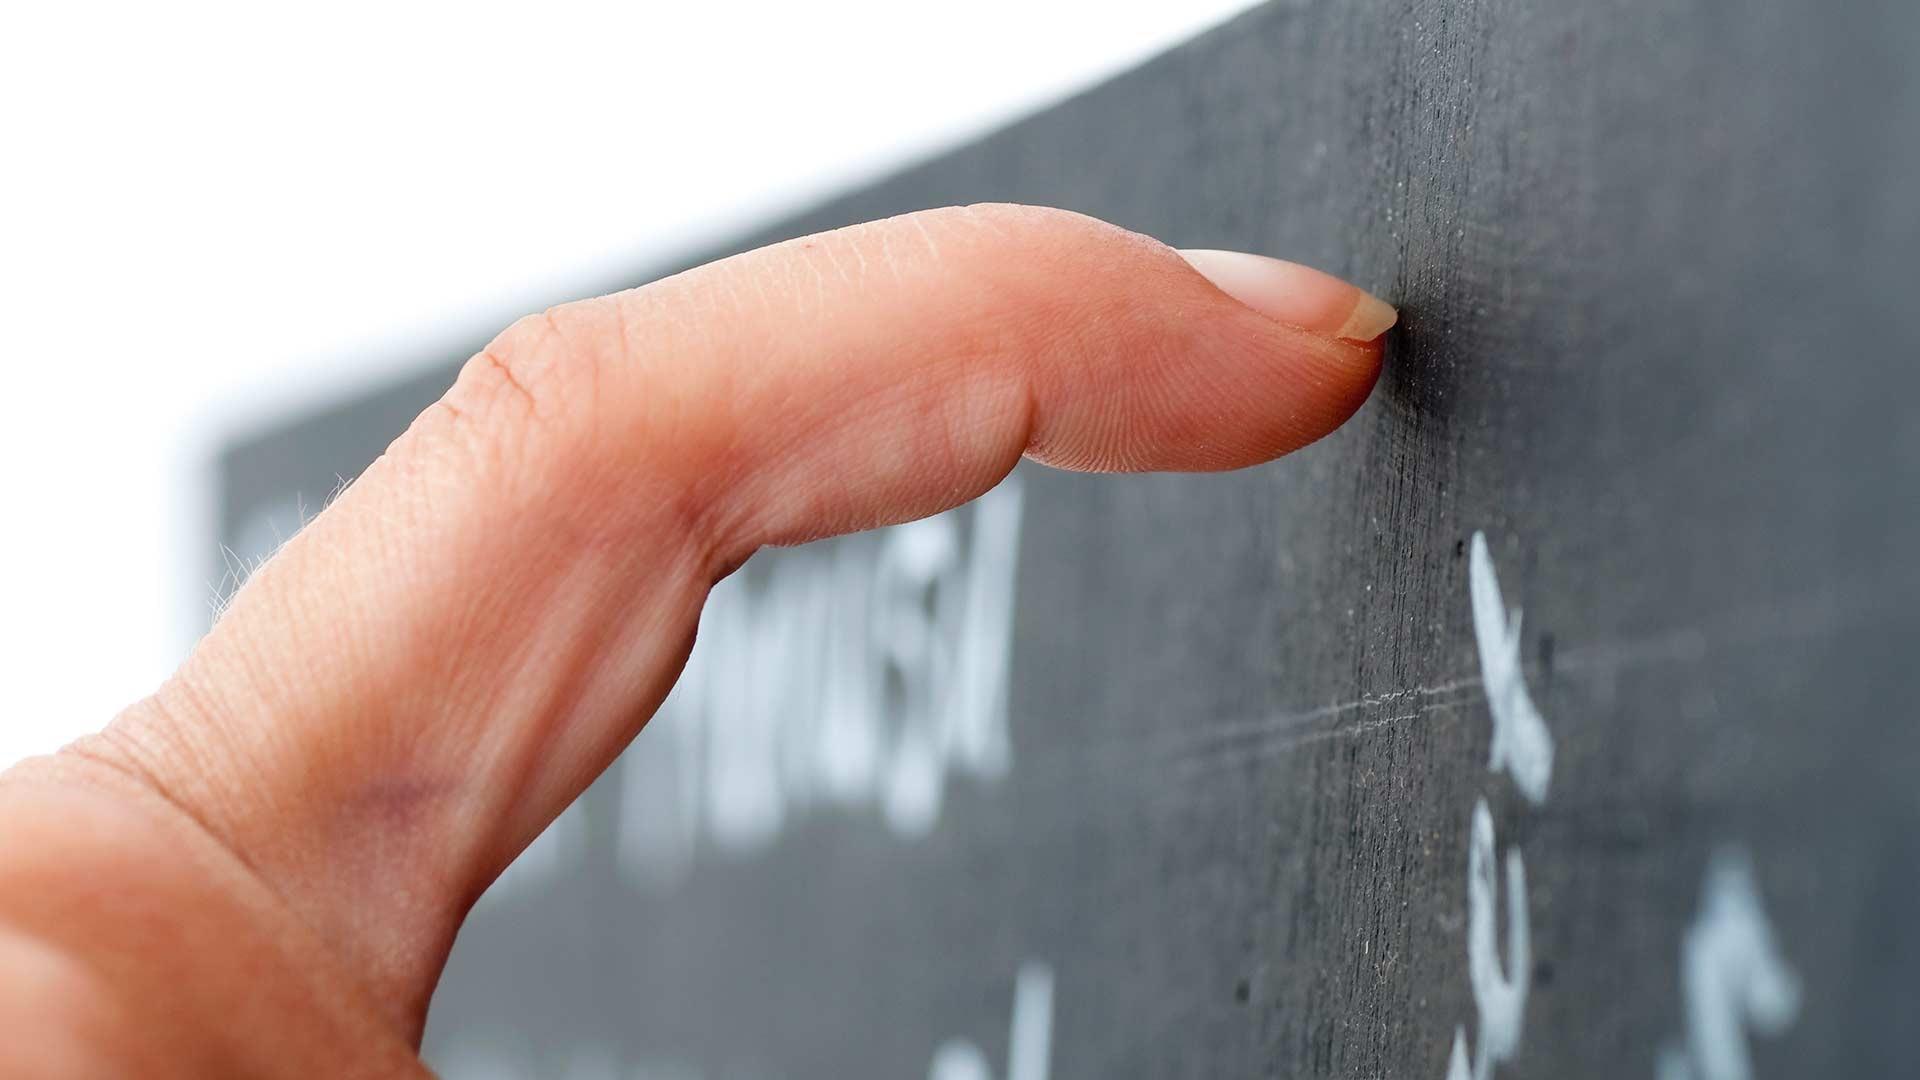 Ученые объяснили неприязнь к скрежету ногтей по стеклу